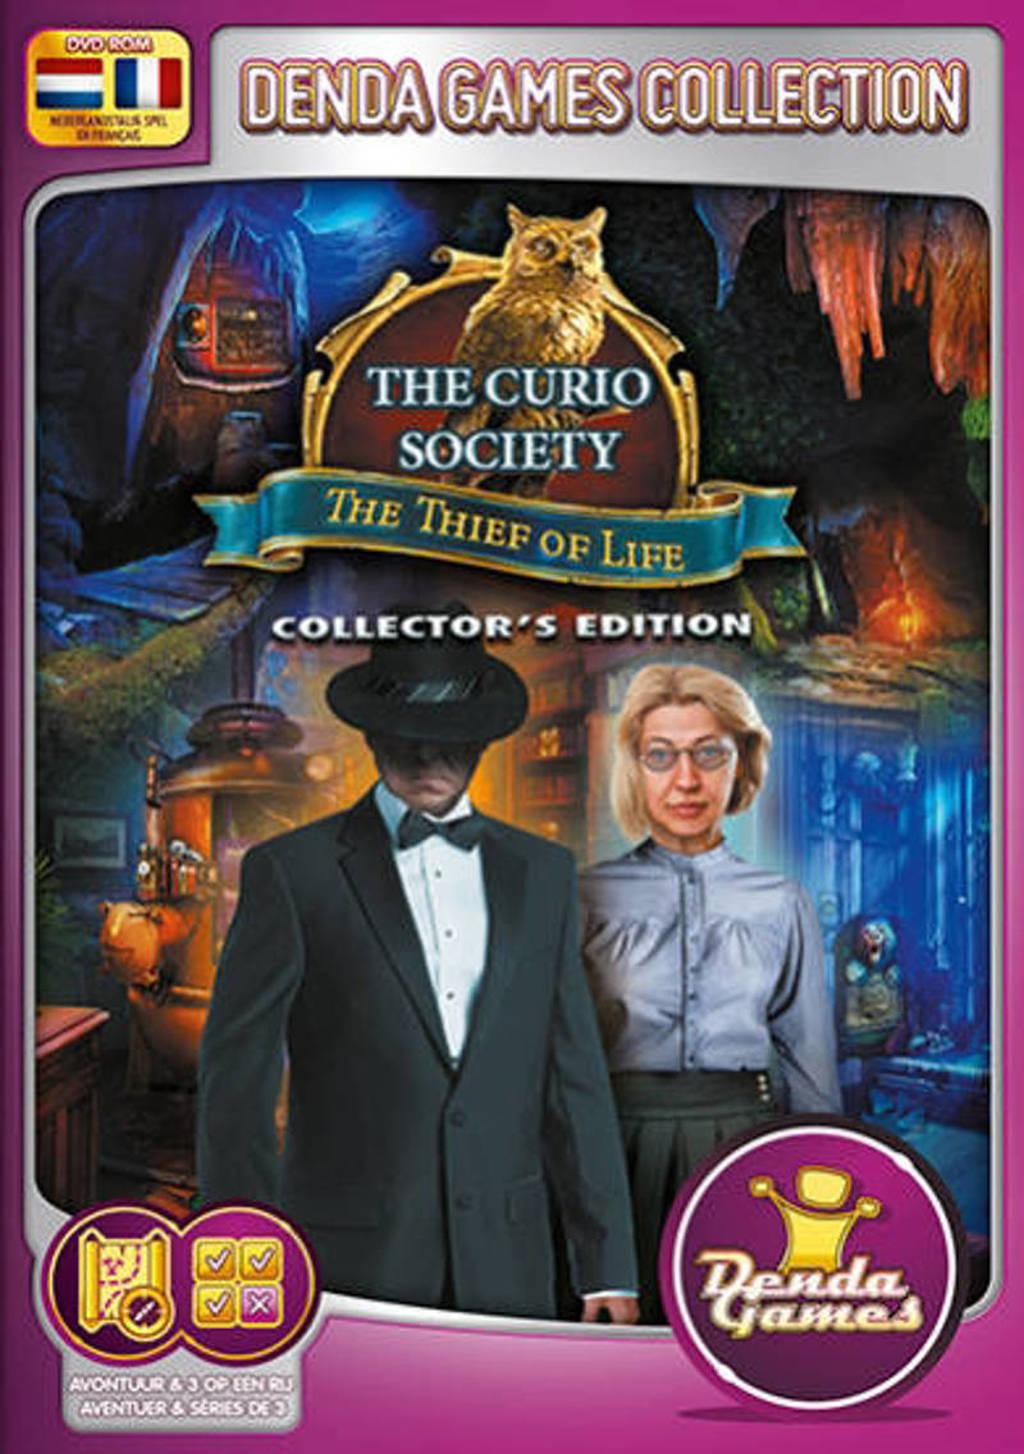 Curio society - Thief of life (Collectors edition)  (PC)